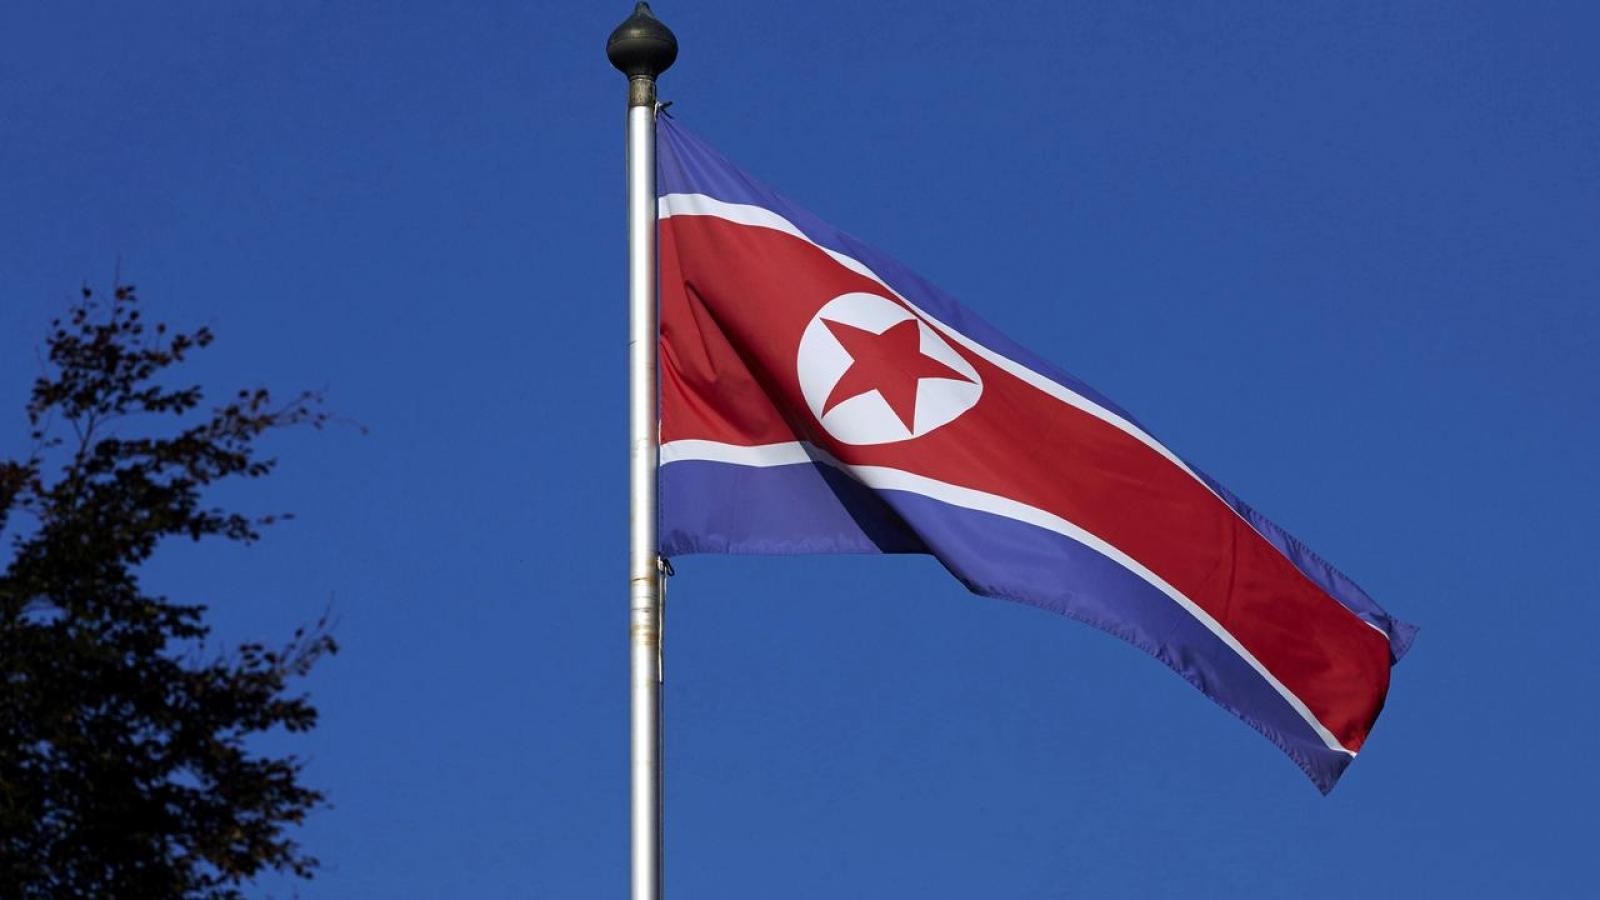 Liên Hợp Quốc miễn trừ trừng phạt chương trình viện trợ y tế cho Triều Tiên